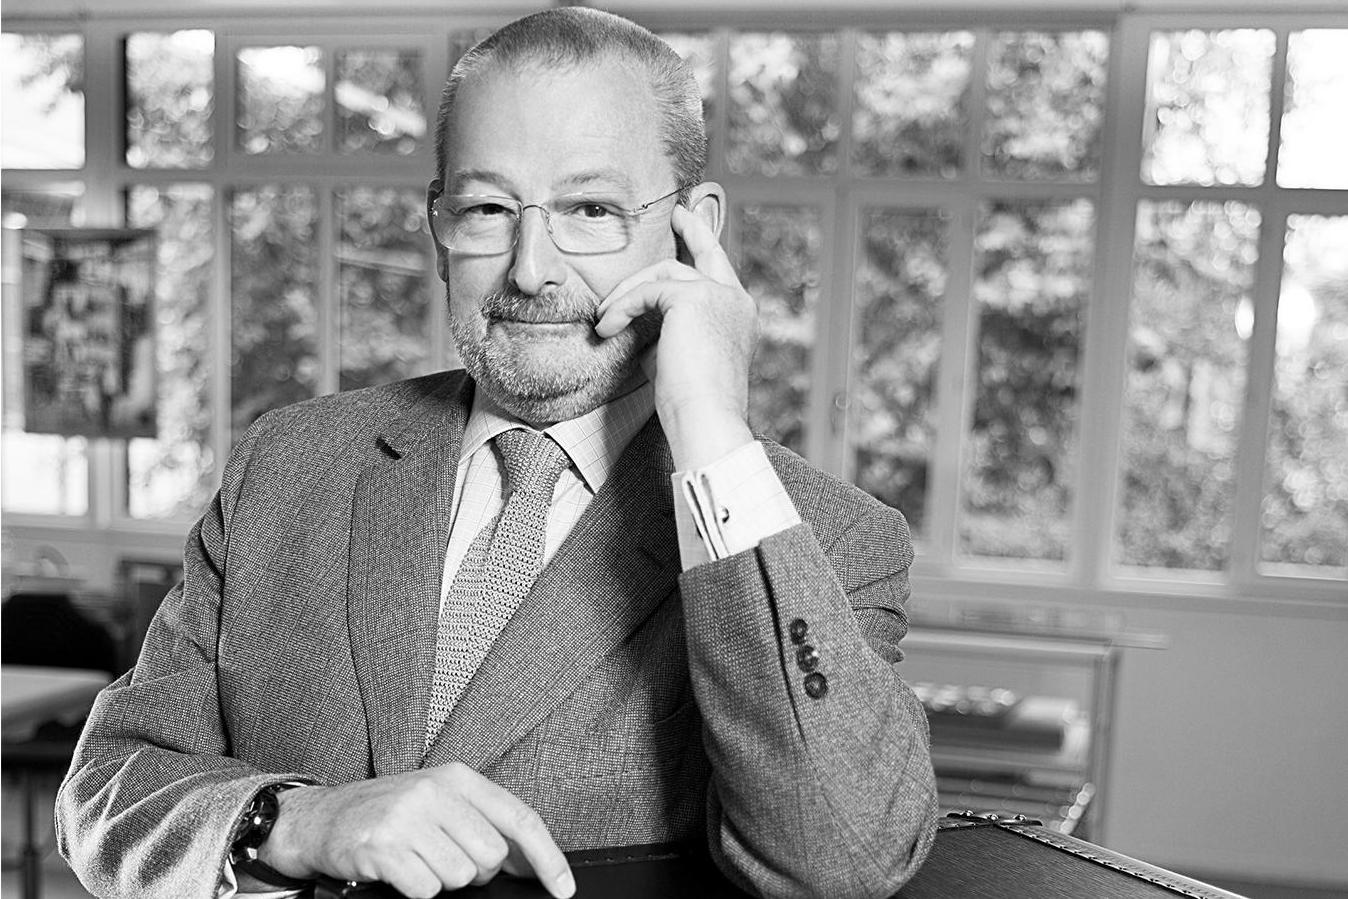 Louis Vuitton 创始家族第五代传人 Patrick-Louis Vuitton 逝世,享年68岁